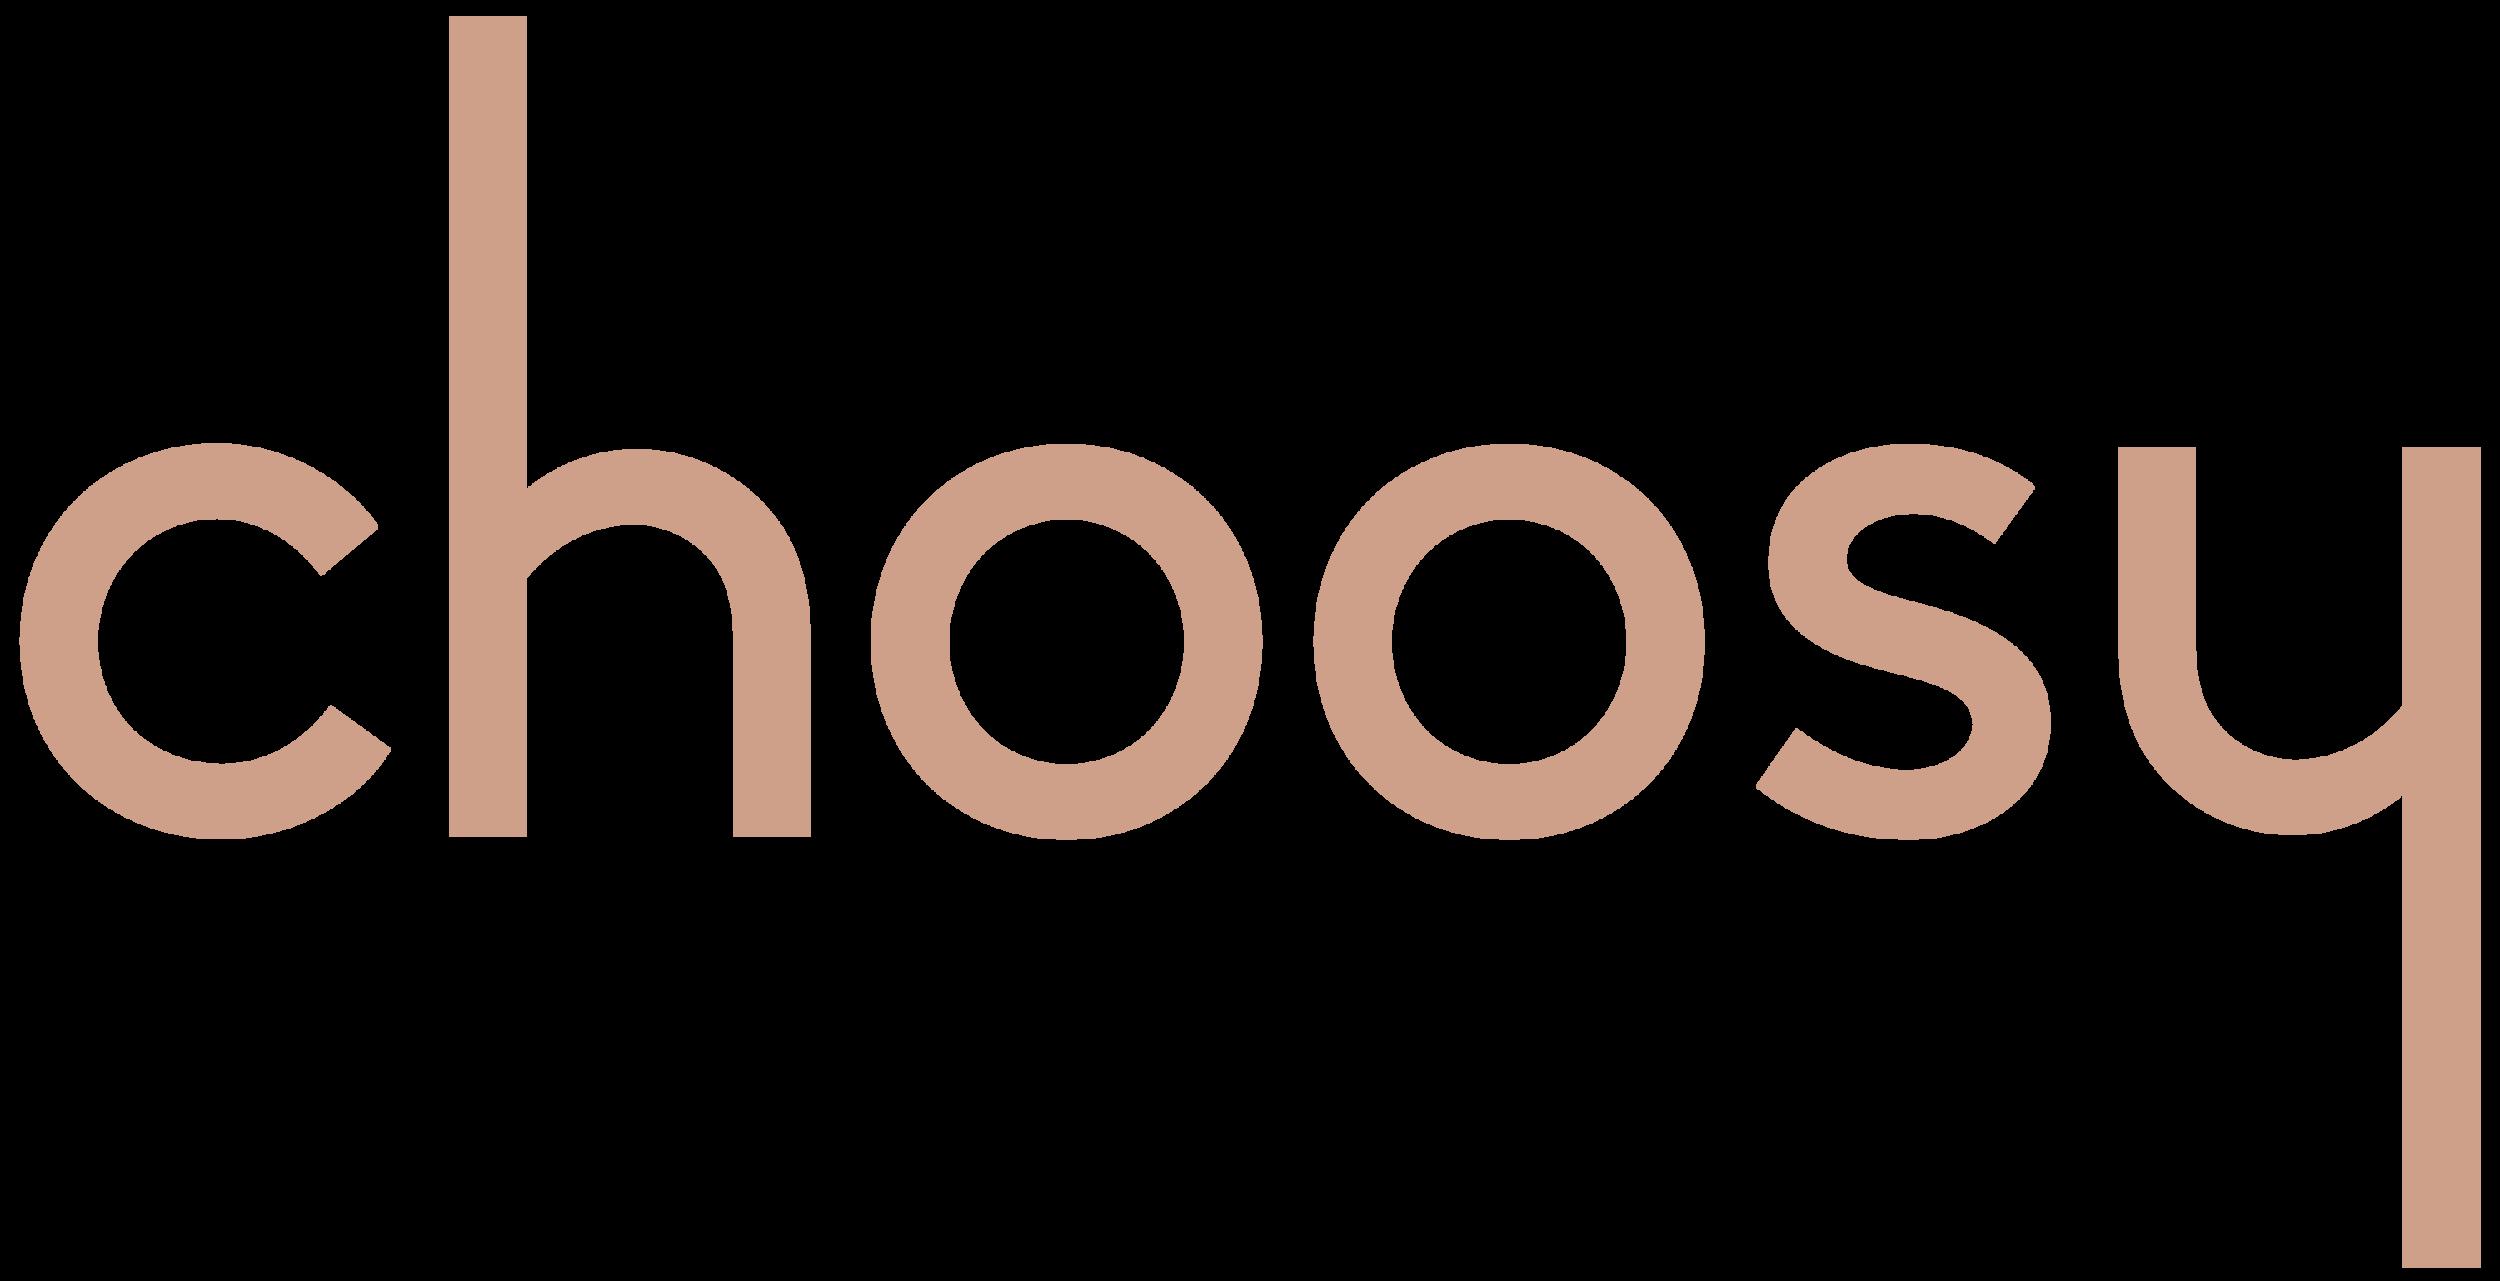 choosy_wordmark_tan-01.png